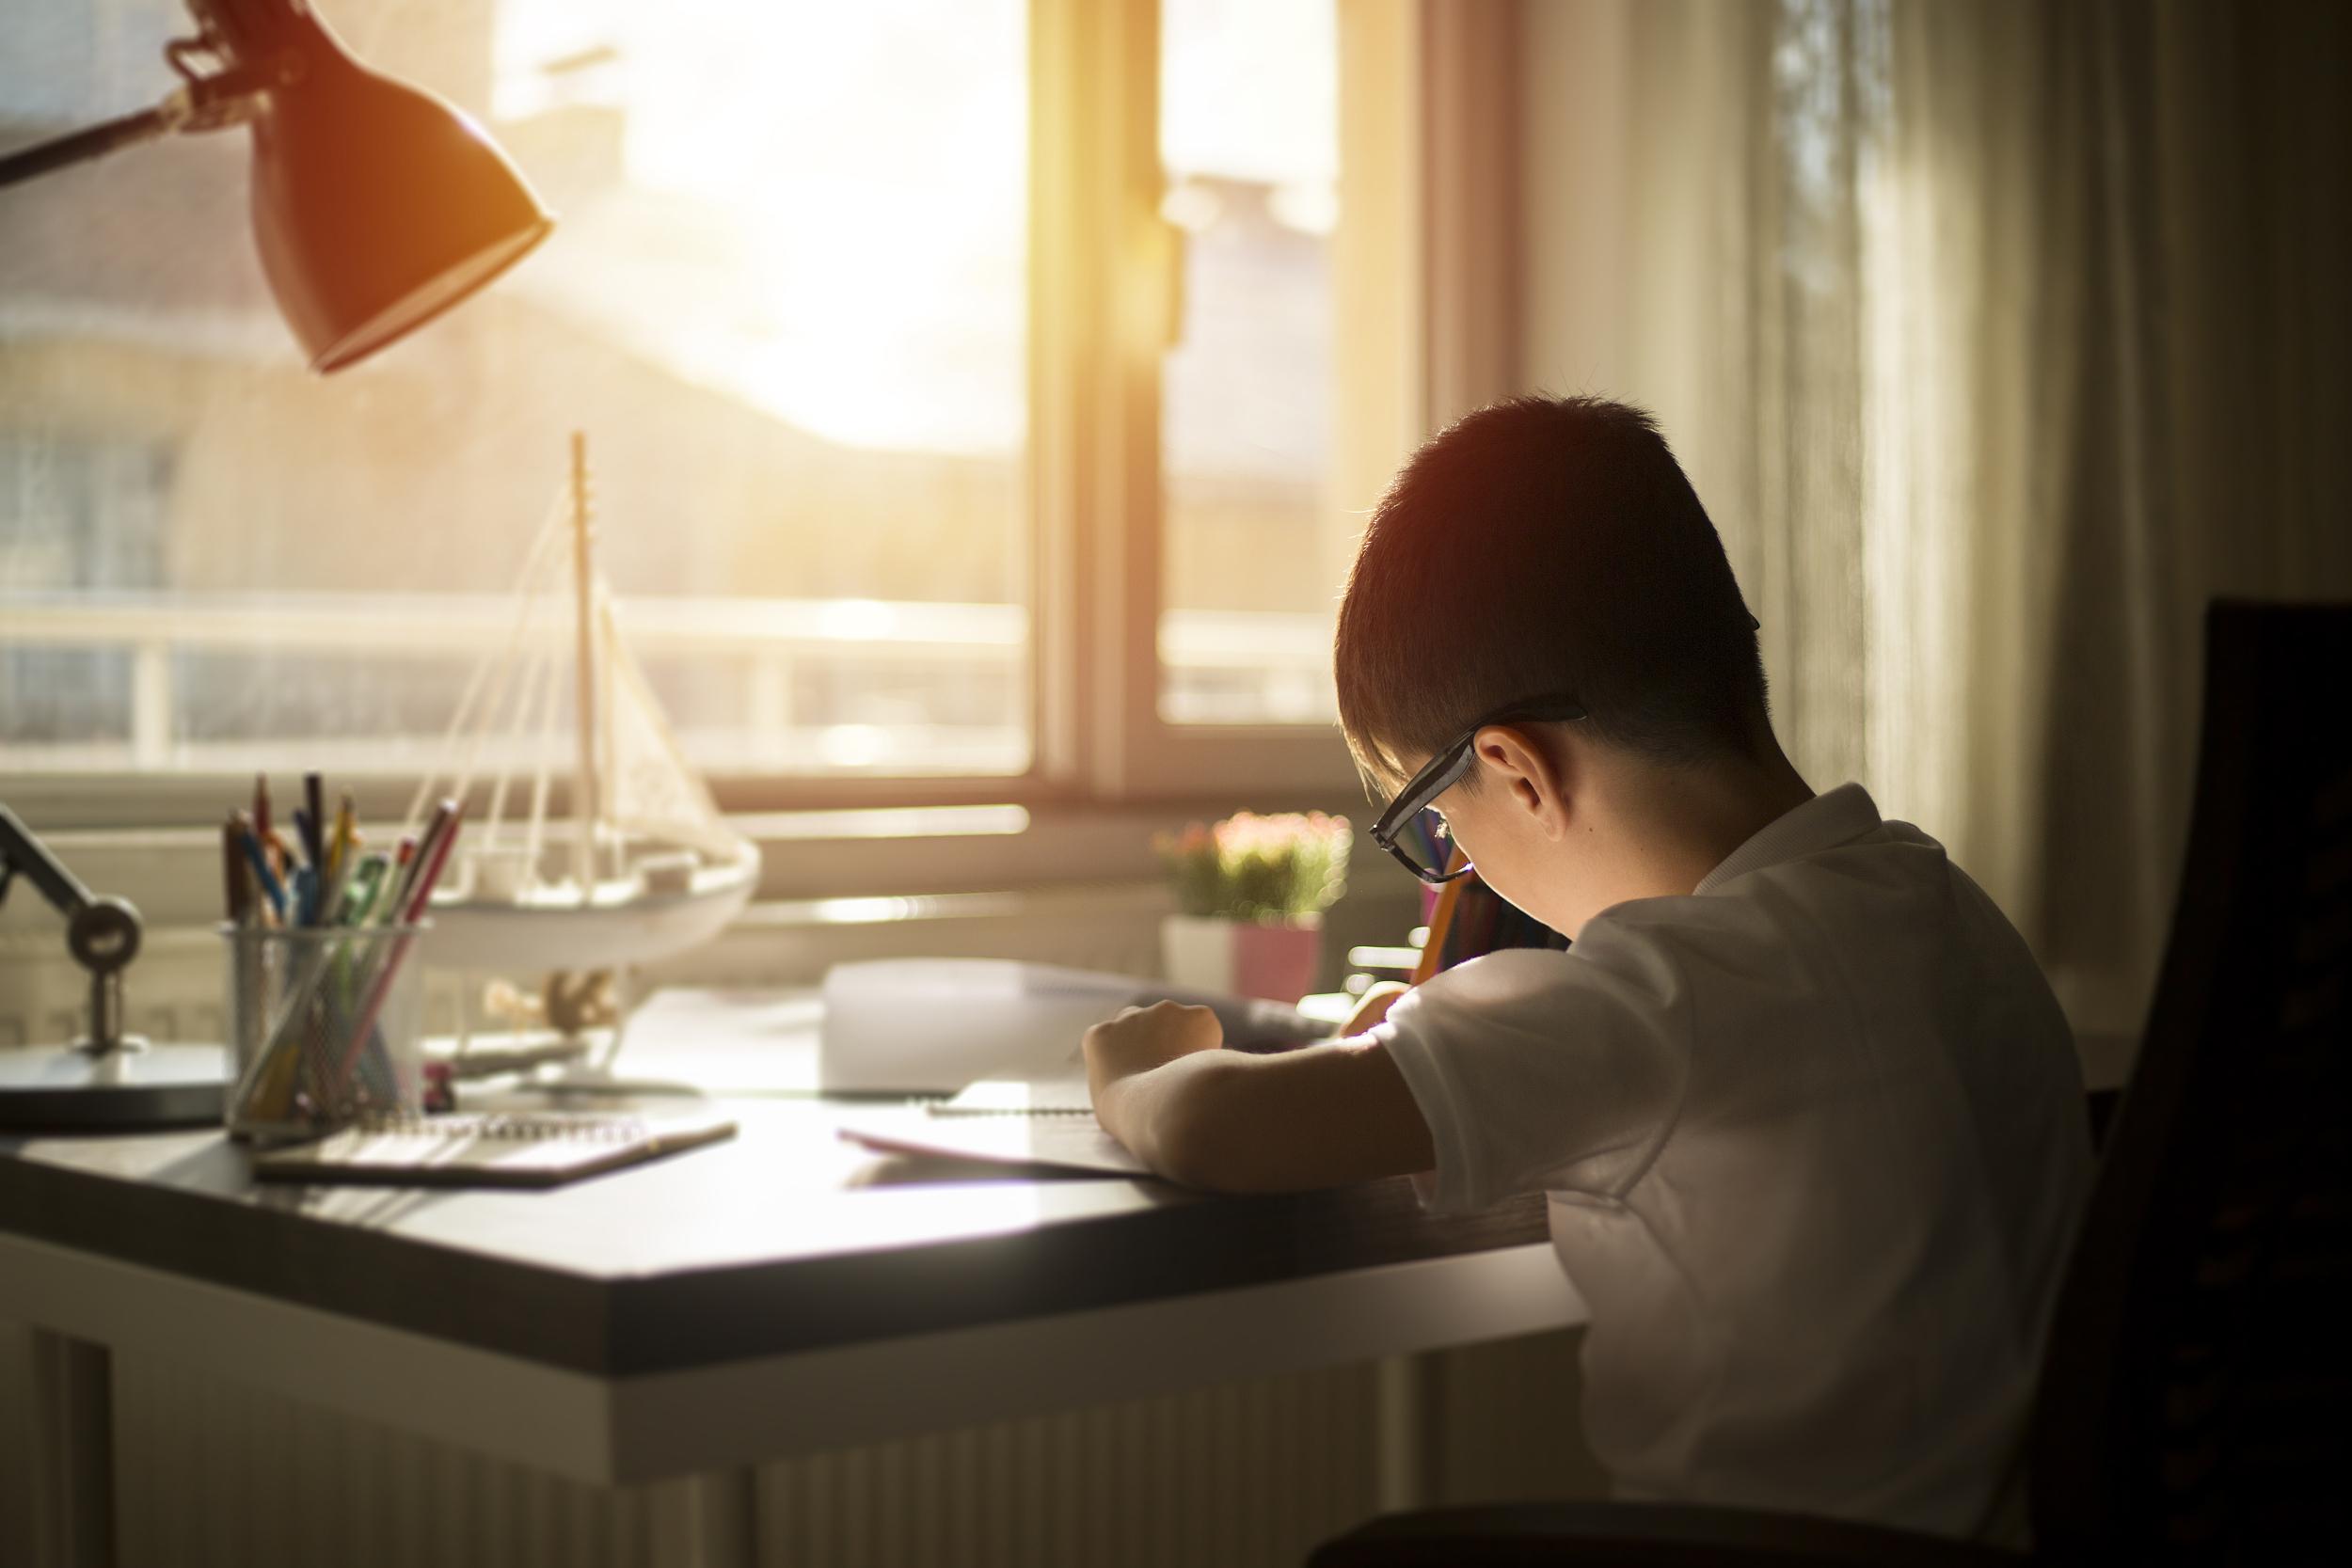 若周末、寒暑假培训班停课,过半家长或找家教?